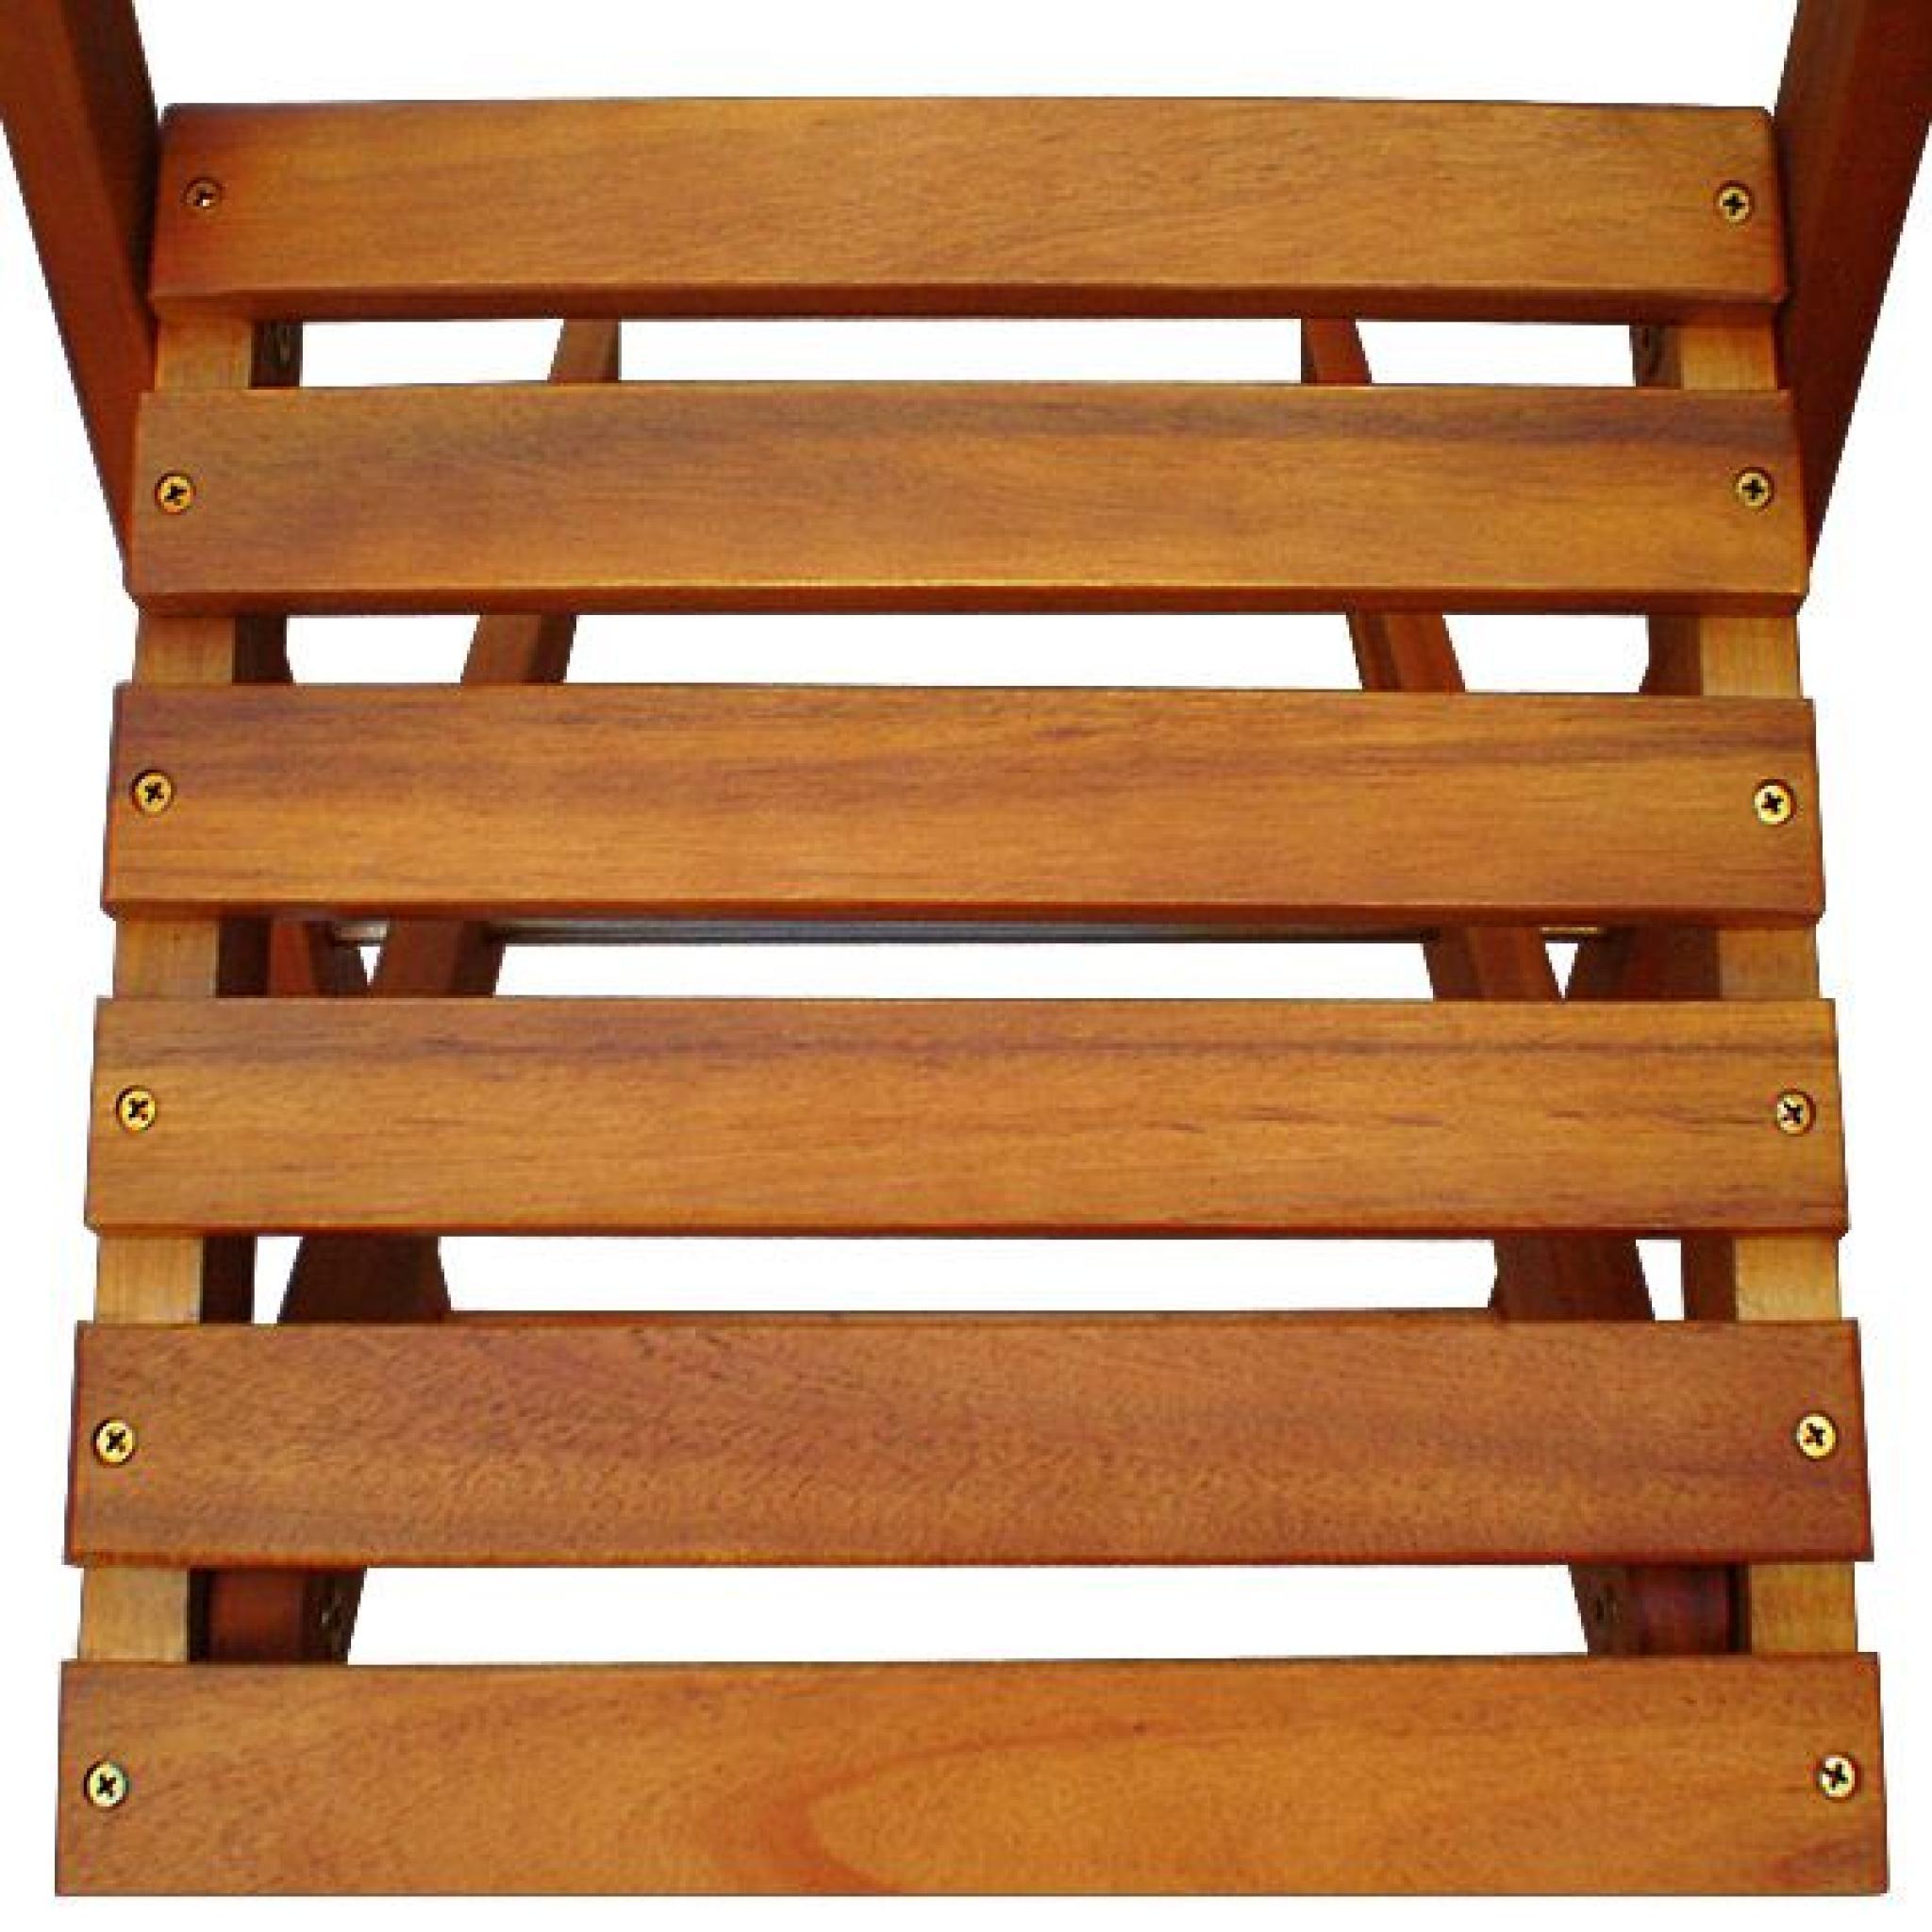 Salon de jardin en acacia 2 chaises 1 table - Achat/Vente salon de ...